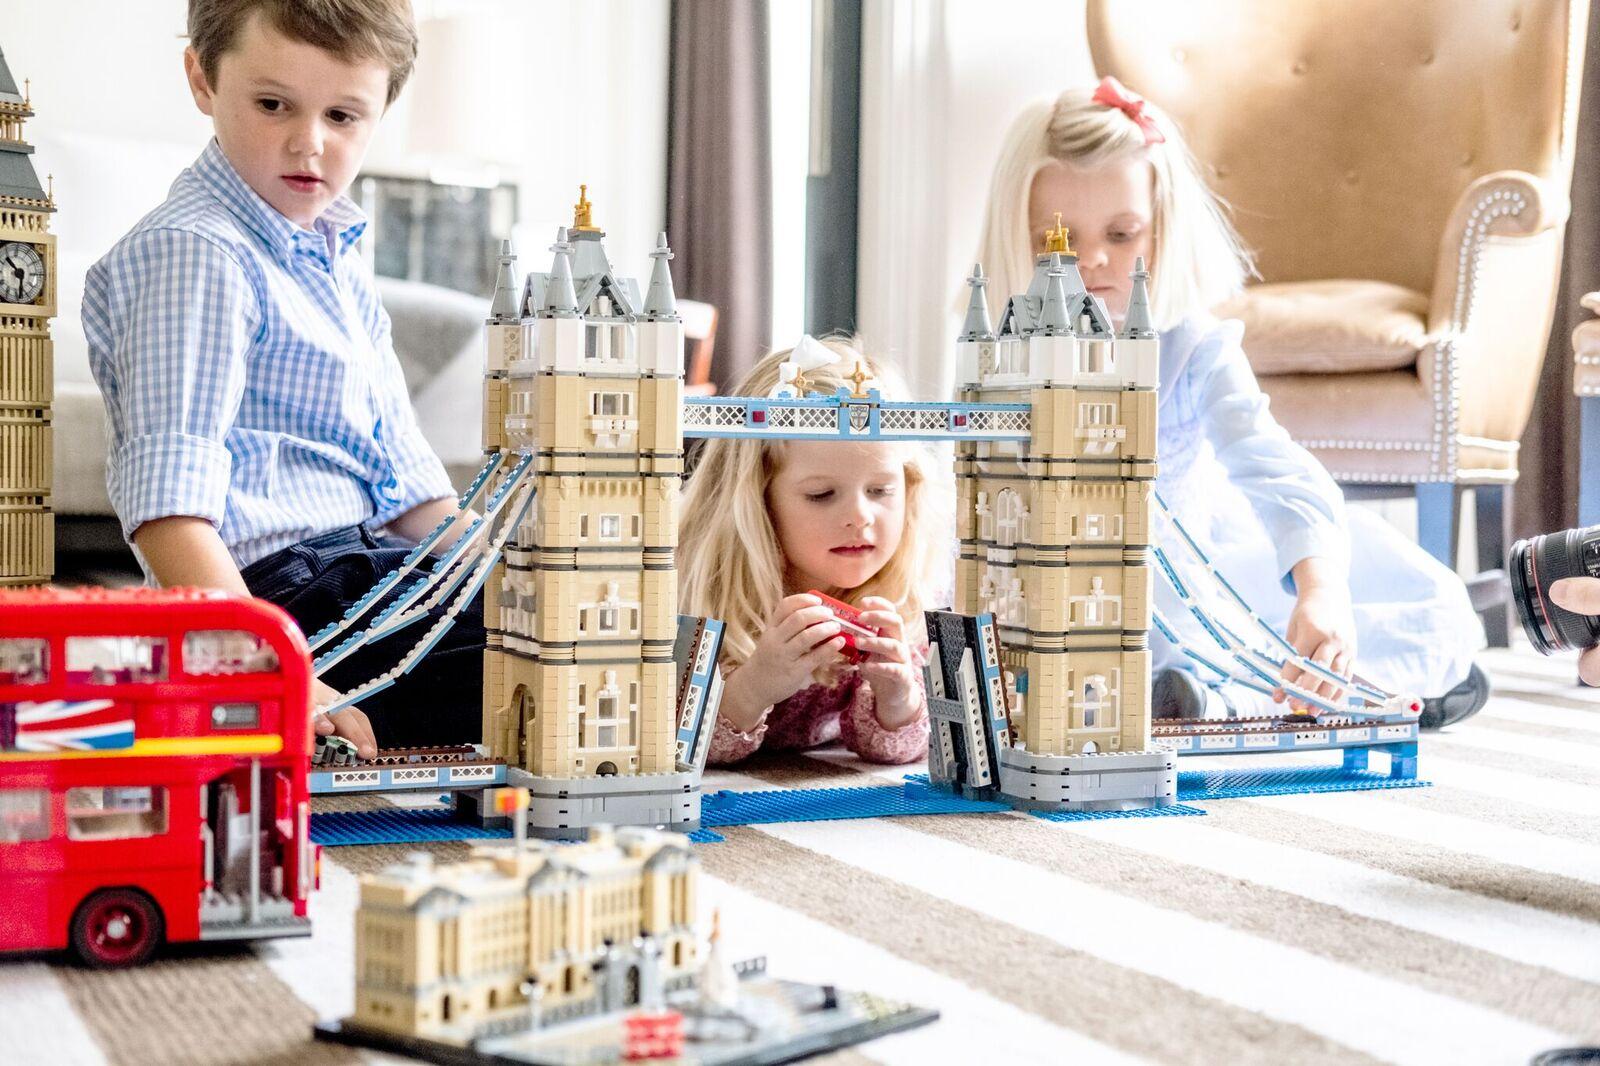 Rosewood London, Legoland partnership